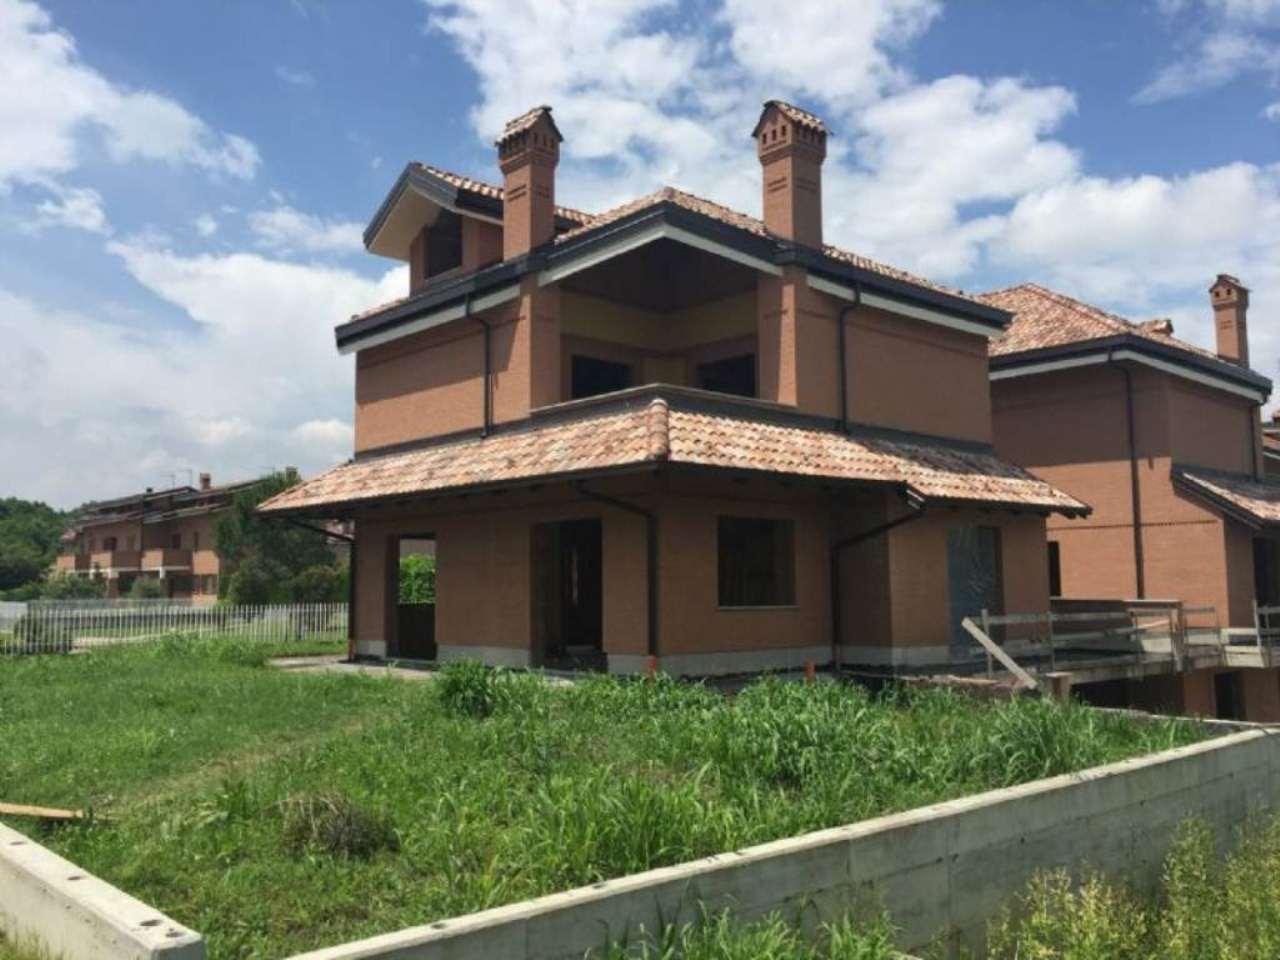 Villa in vendita a Rivarossa, 6 locali, prezzo € 330.000 | Cambio Casa.it